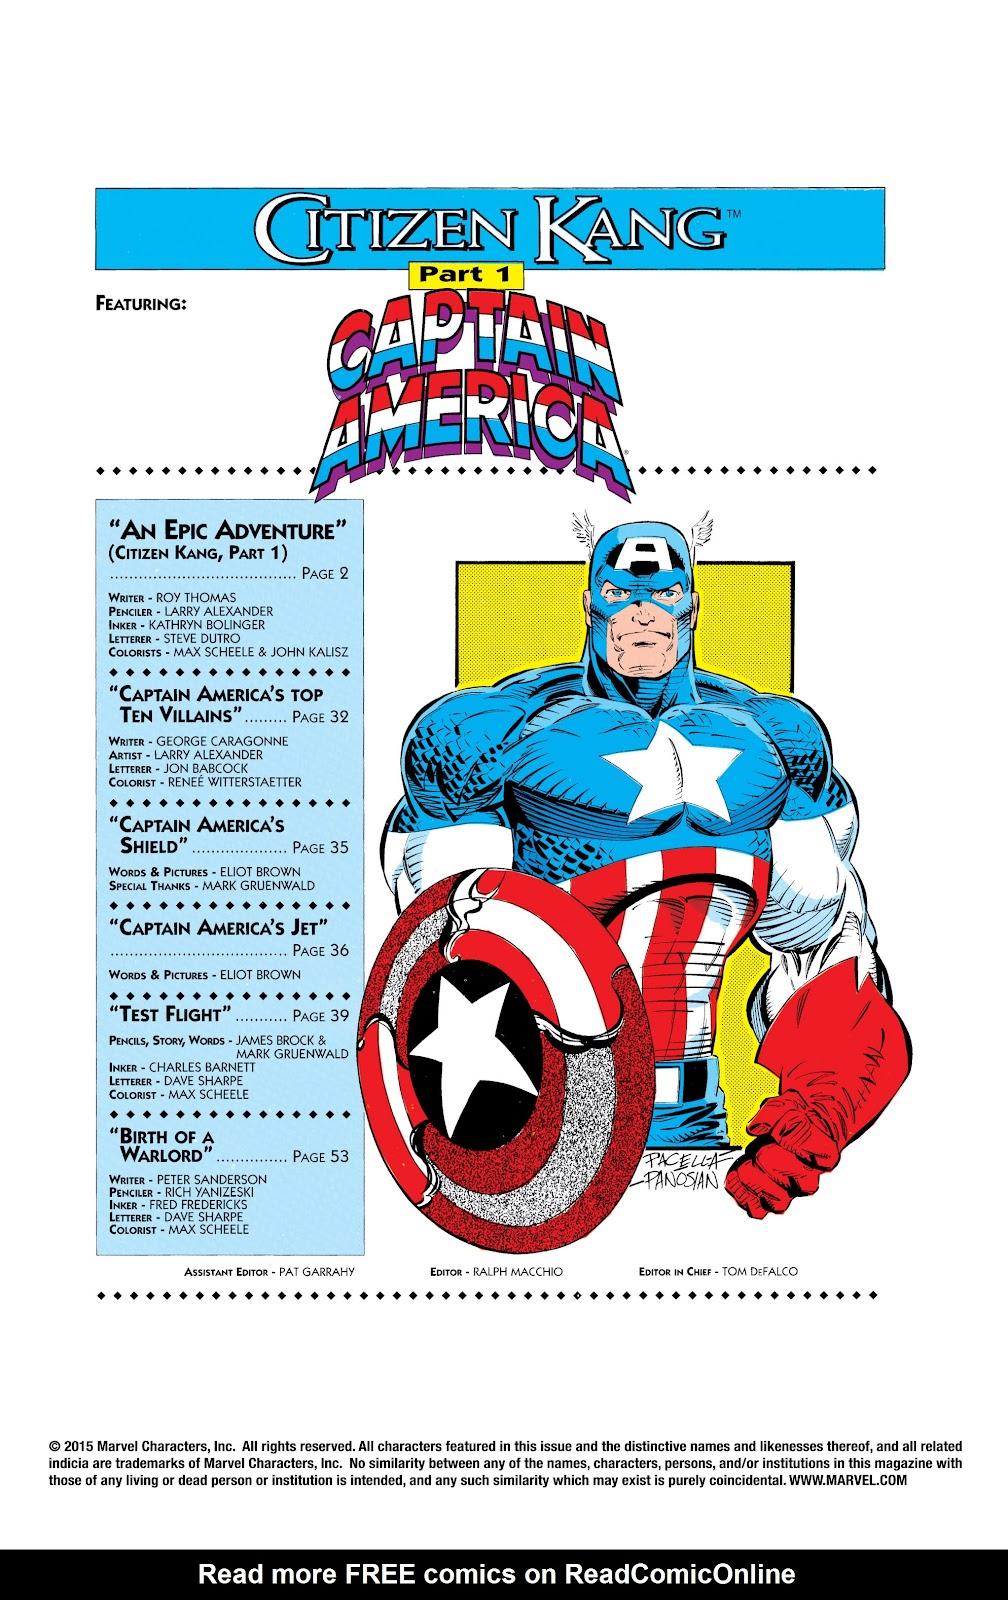 Read online Avengers: Citizen Kang comic -  Issue # TPB (Part 1) - 4